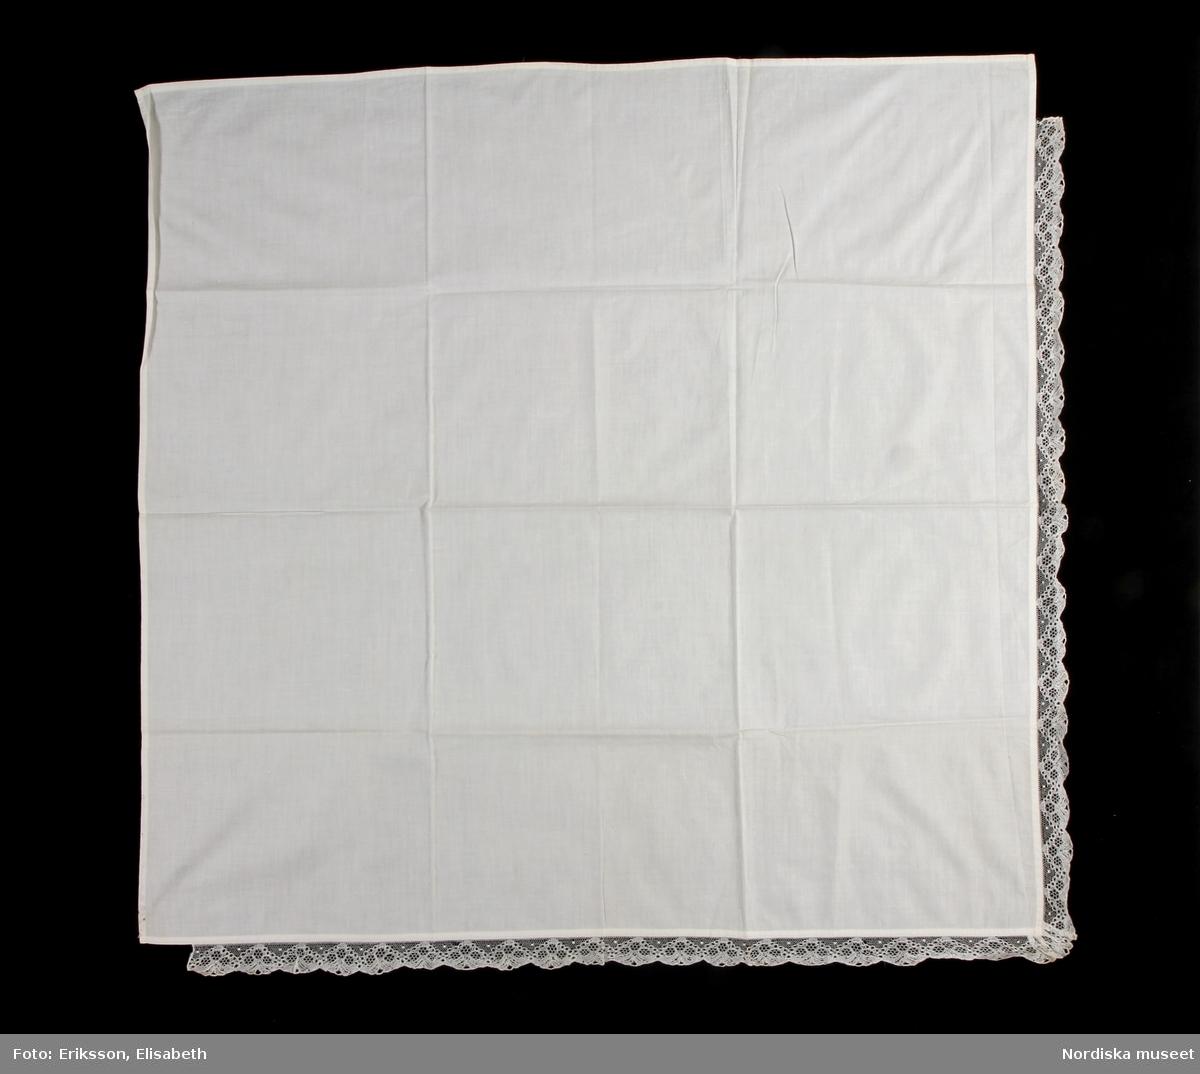 Kvadratiskt kläde av tunn vit bomullslärft, handsydda fållar runtom. I 2 mötande sidor kantad med 3 cm bred knypplad Vadstenaspets.  Se likadant kläde inv.nr 1105. /Berit Eldvik 2010-08-31